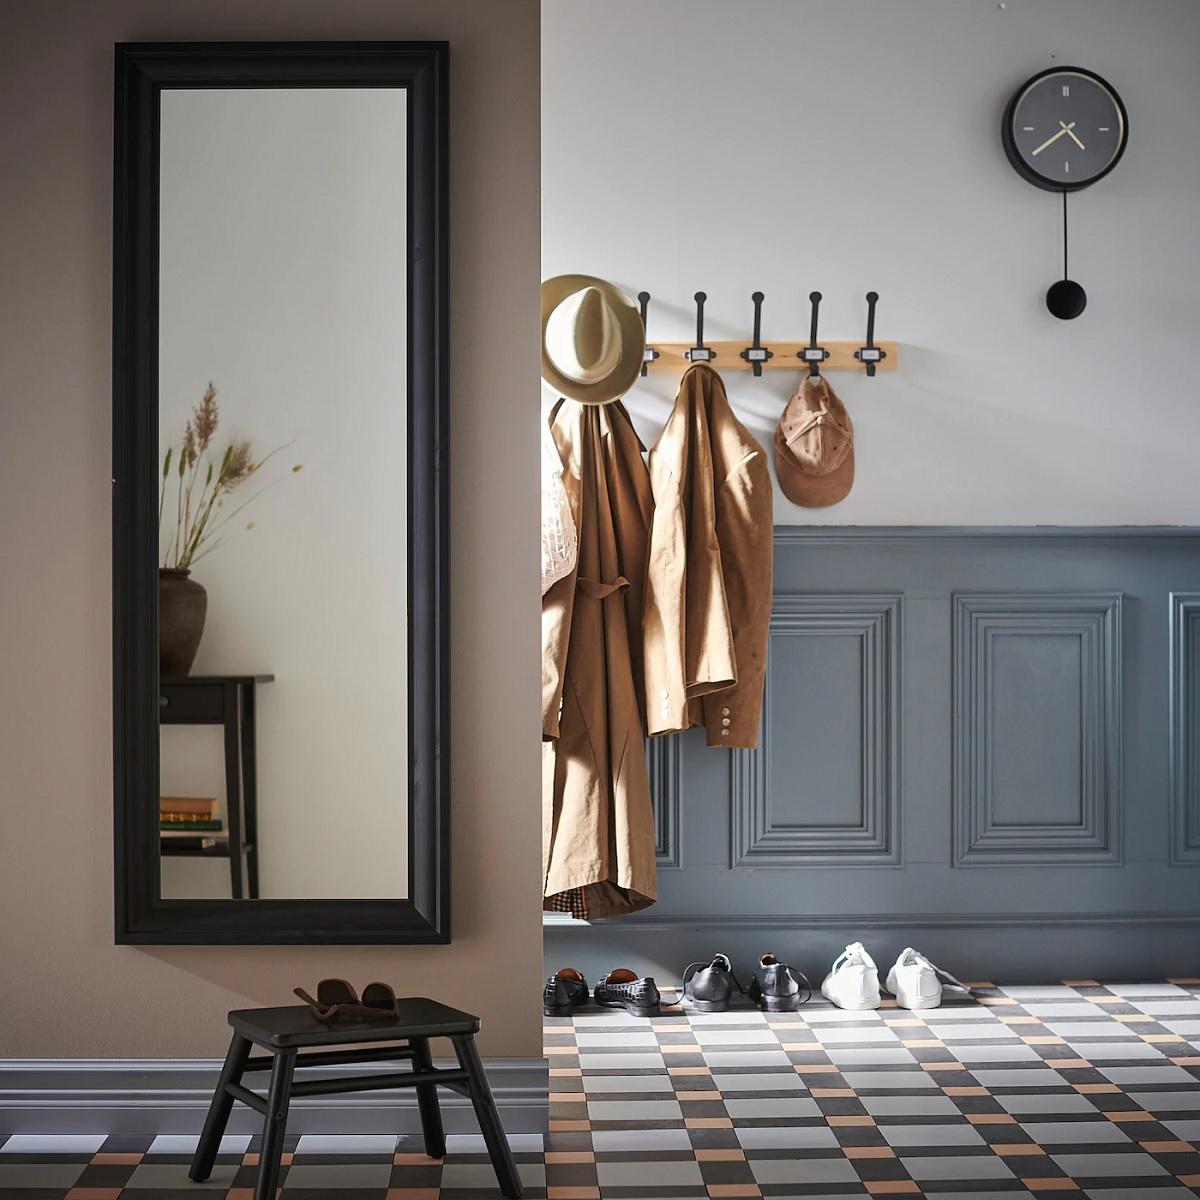 ikea-catalog-entrance-furniture-13